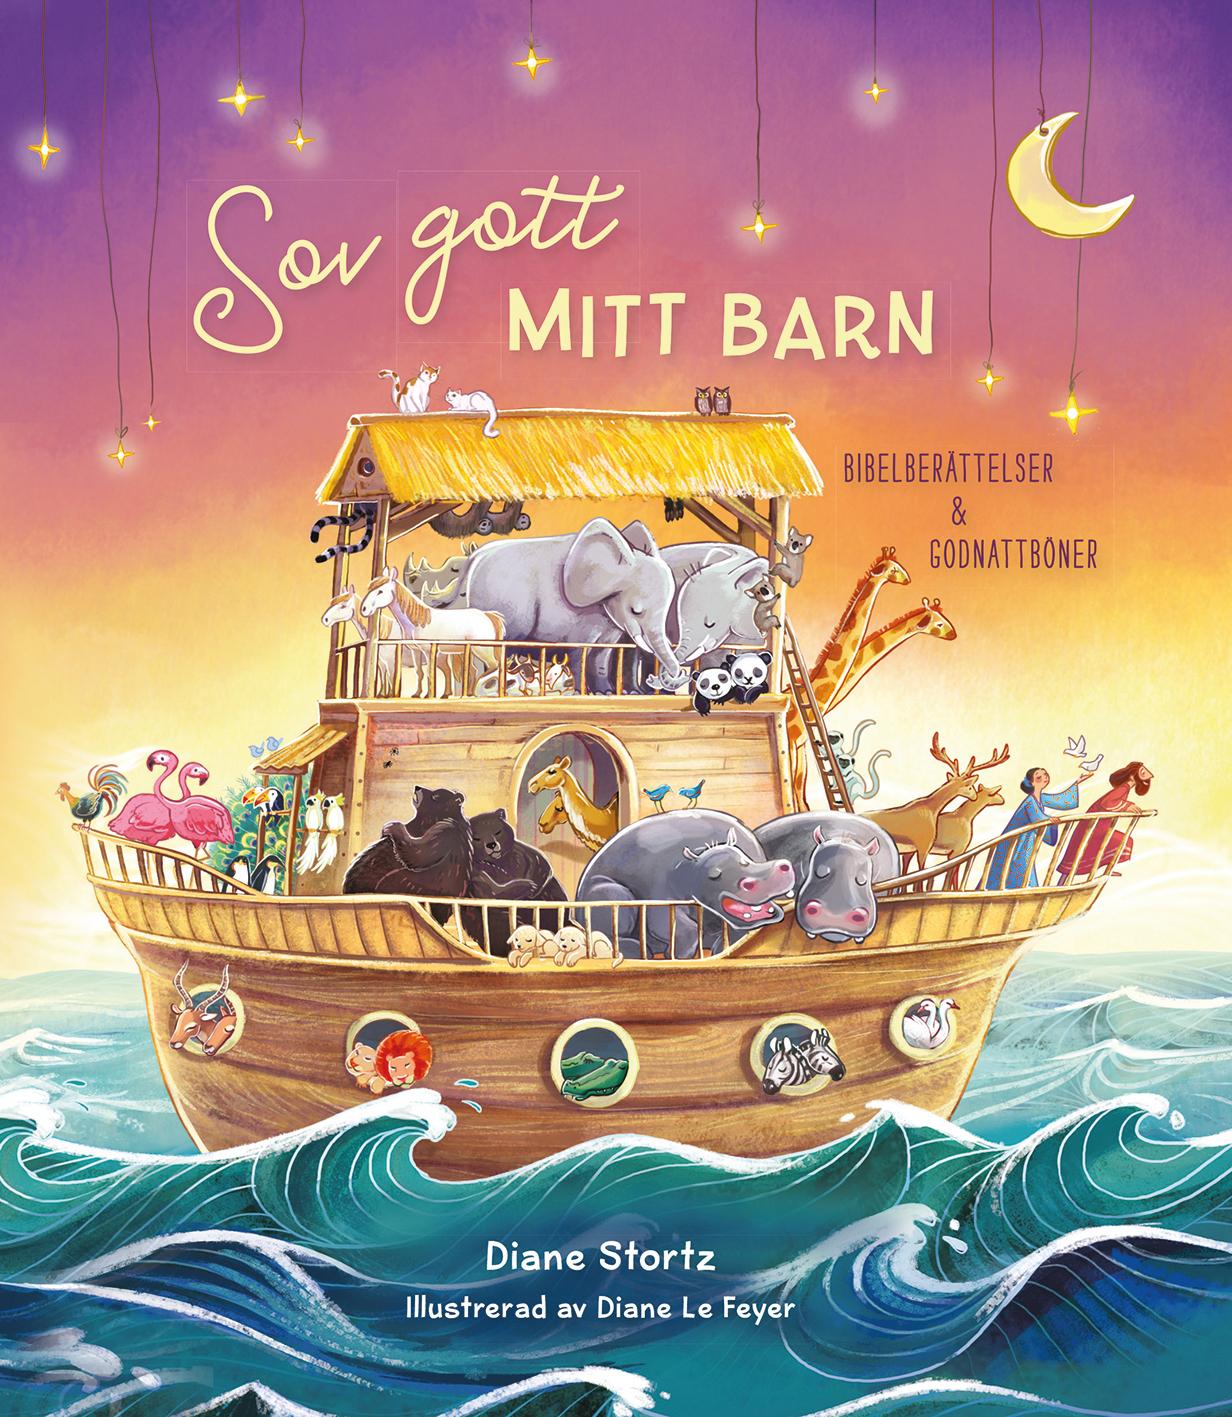 Image for Sov gott mitt barn : bibelberättelser & godnattböner from Suomalainen.com